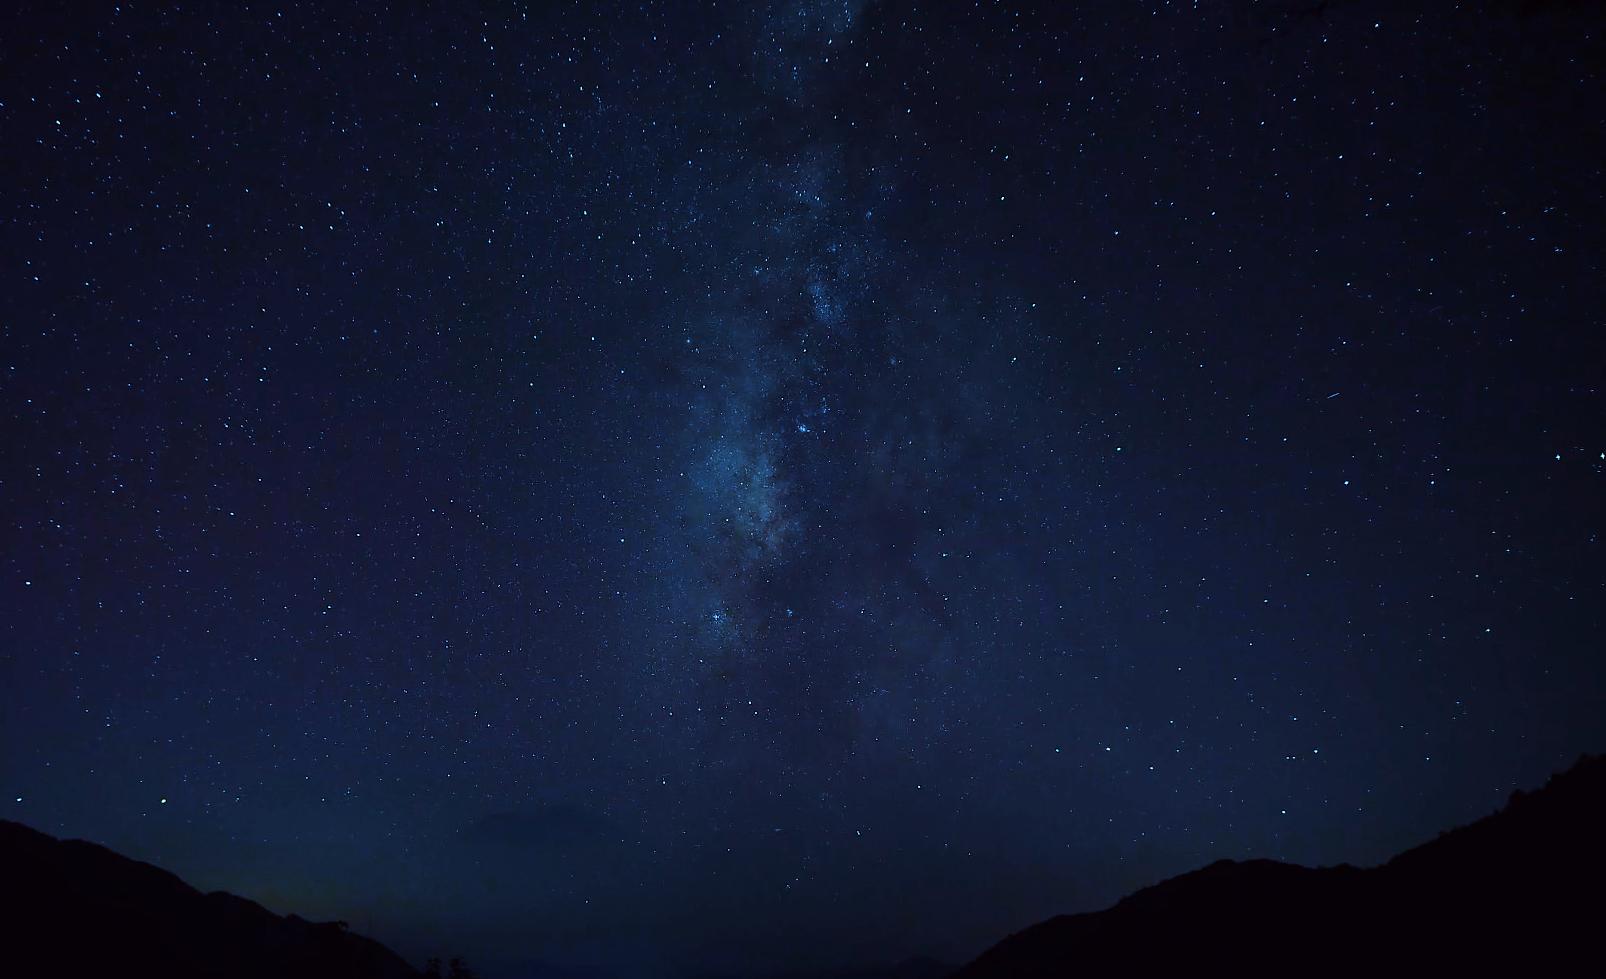 每一帧都是壁纸!如梦如幻的湖南超美星空